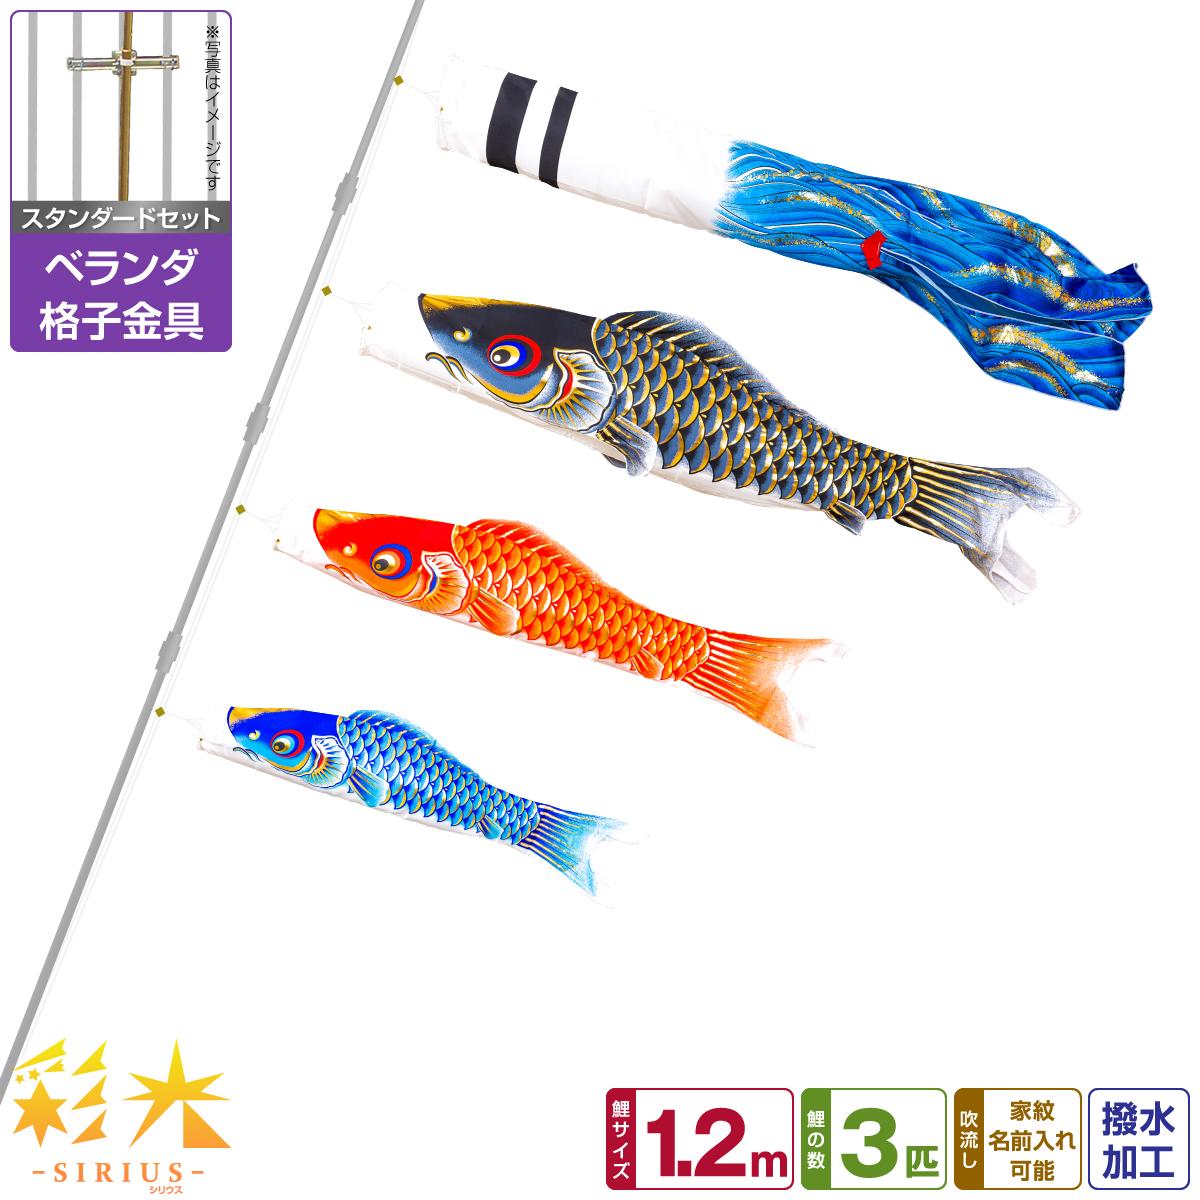 ベランダ用 こいのぼり 鯉のぼり SIRIUS/彩光鯉 1.2m 6点(吹流し+鯉3匹+矢車+ロープ)/スタンダードセット(格子金具)